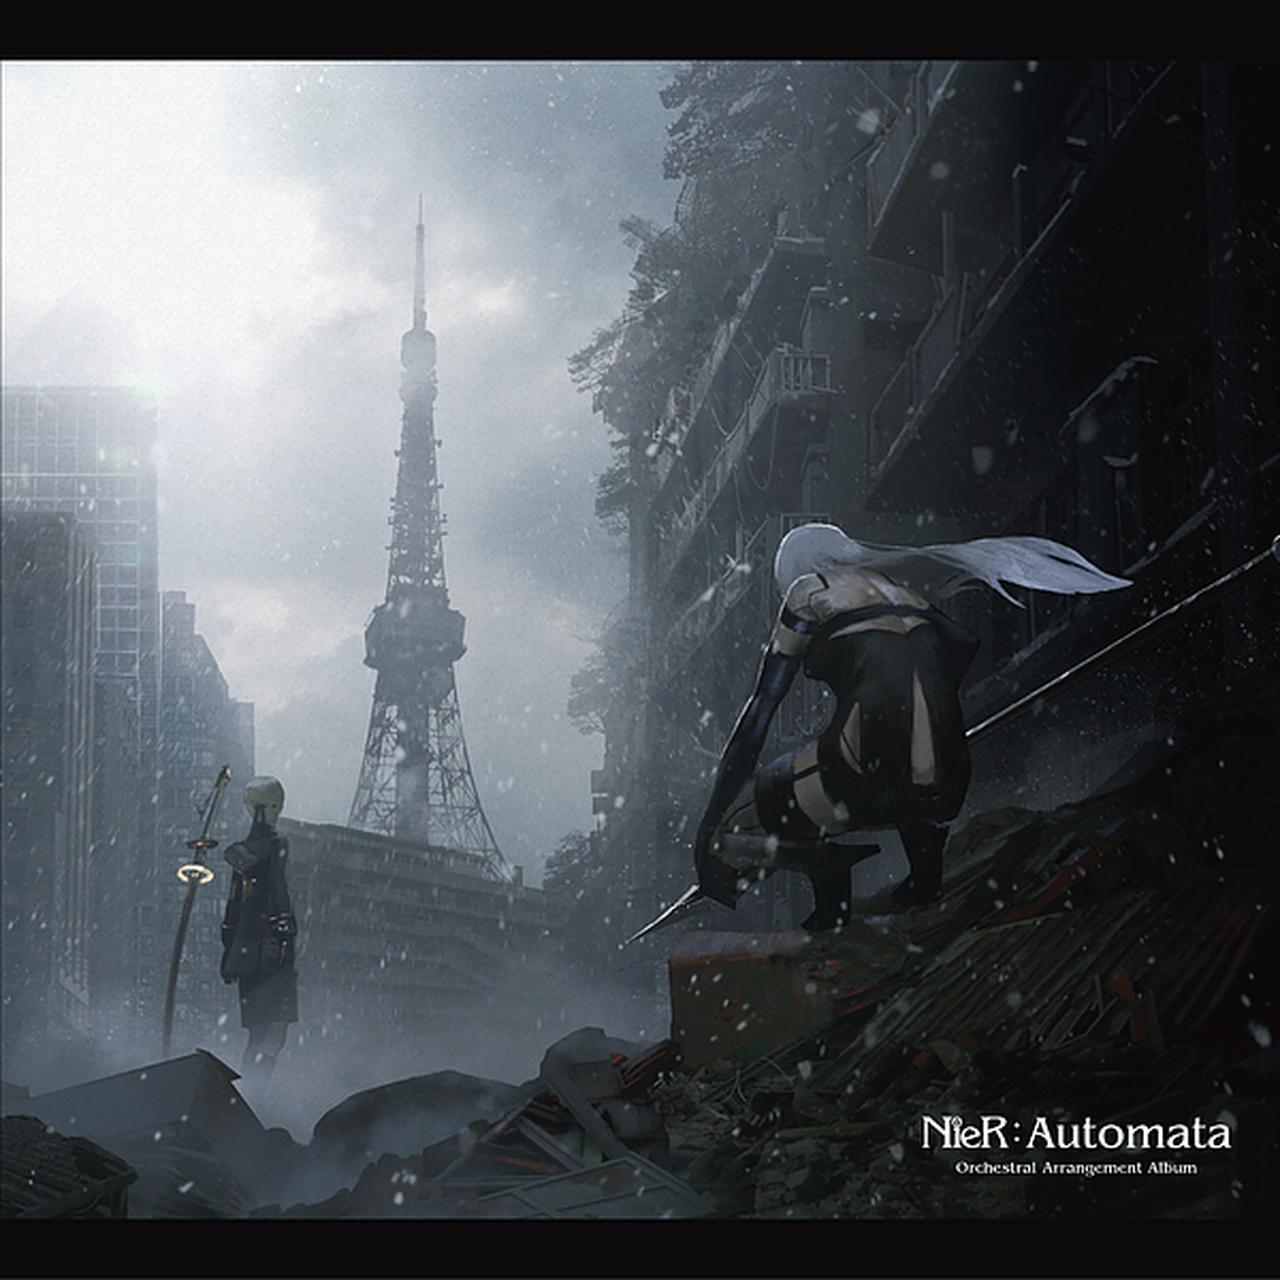 画像: NieR:Automata Orchestral Arrangement Album/岡部啓一